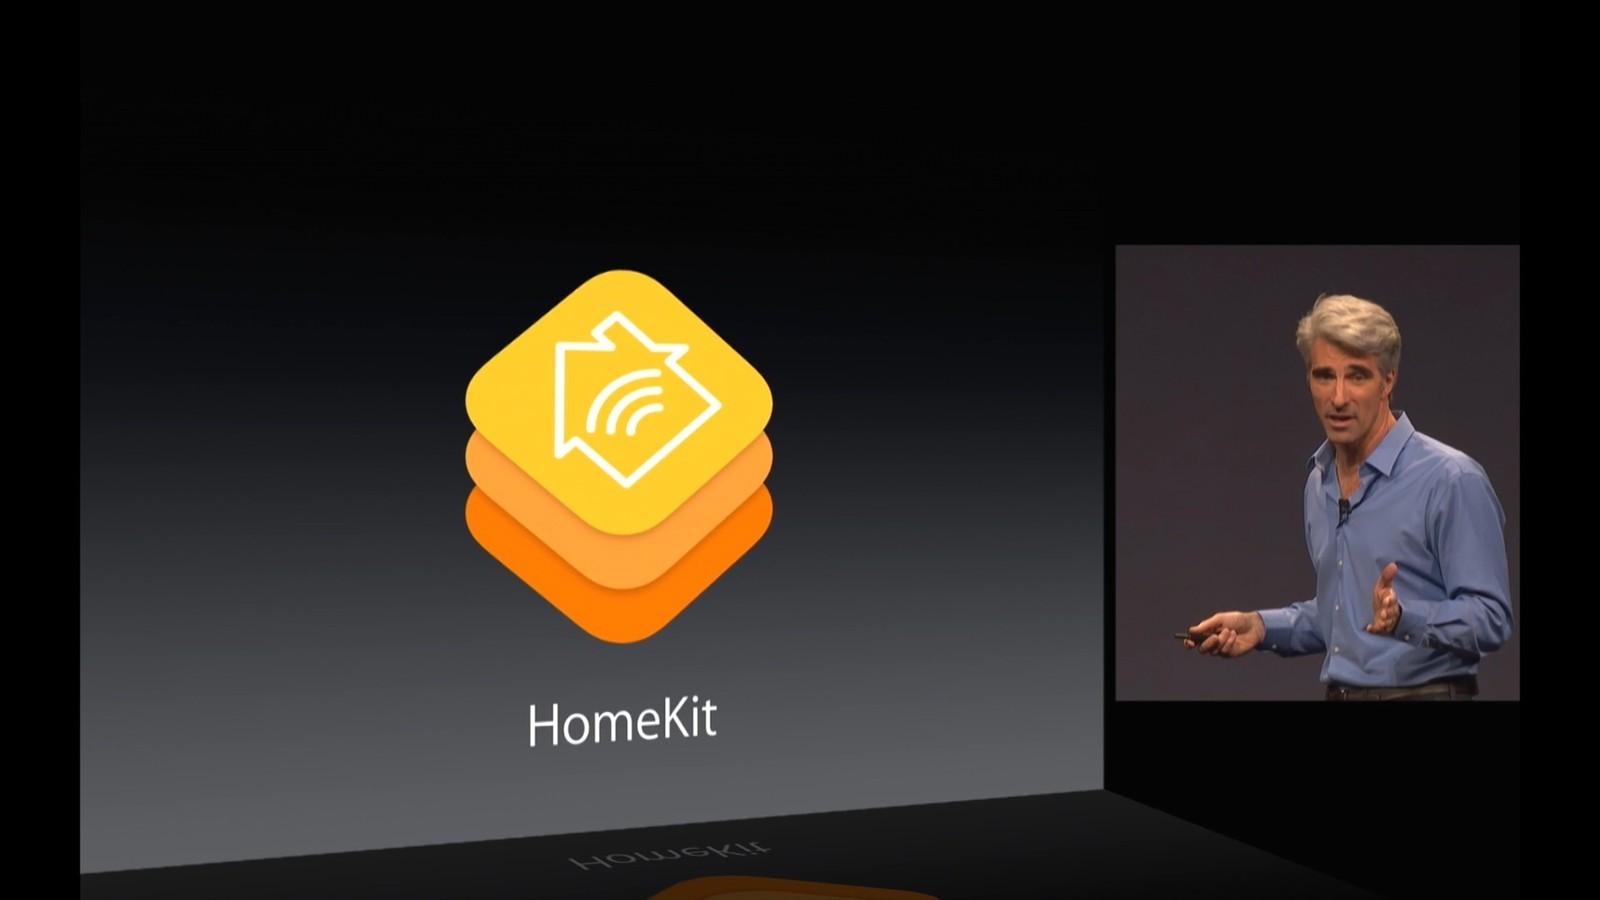 Apple dovrebbe annunciare i primi accessori HomeKit